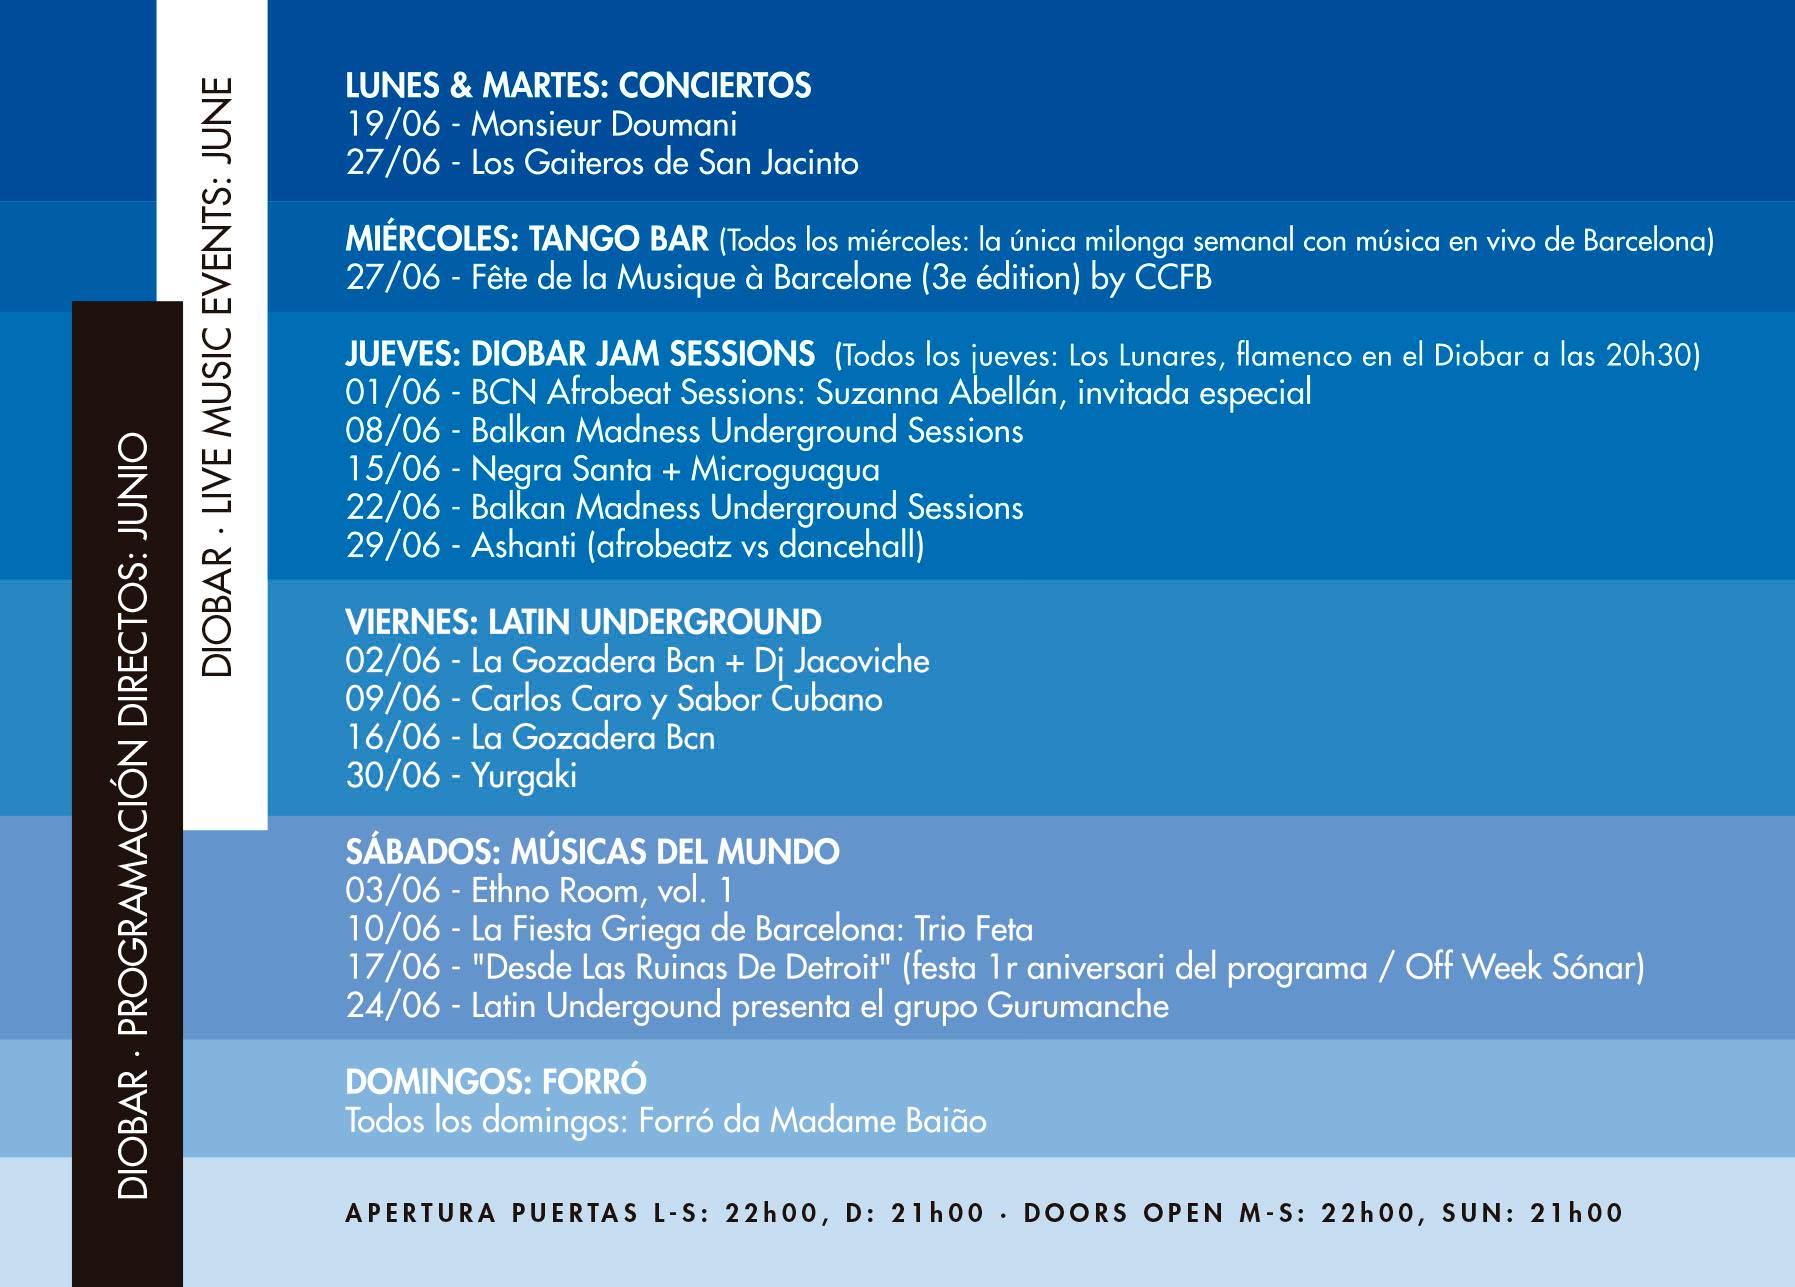 Agenda de conciertos Diobar